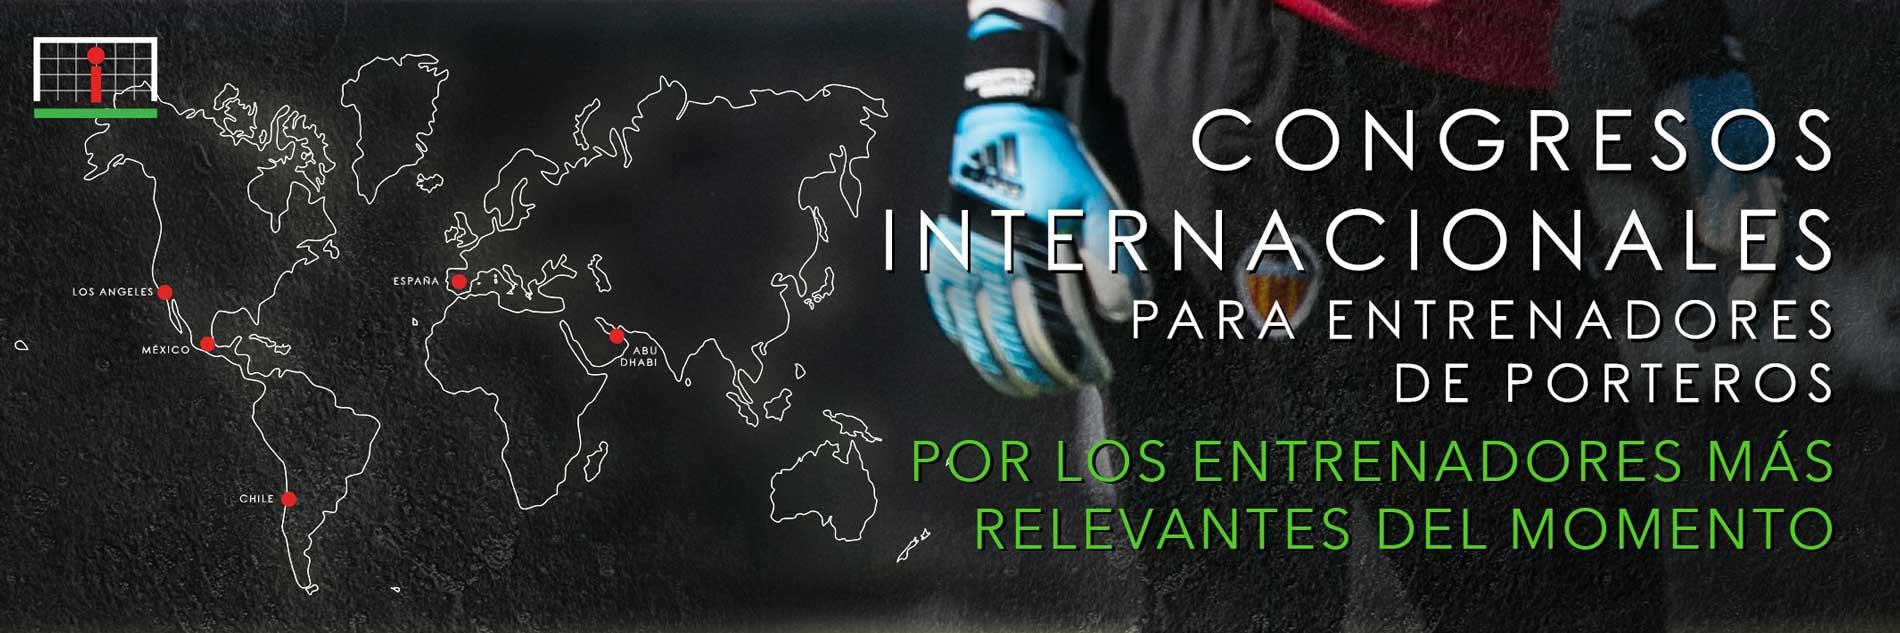 congresos-internacionales-miporteria